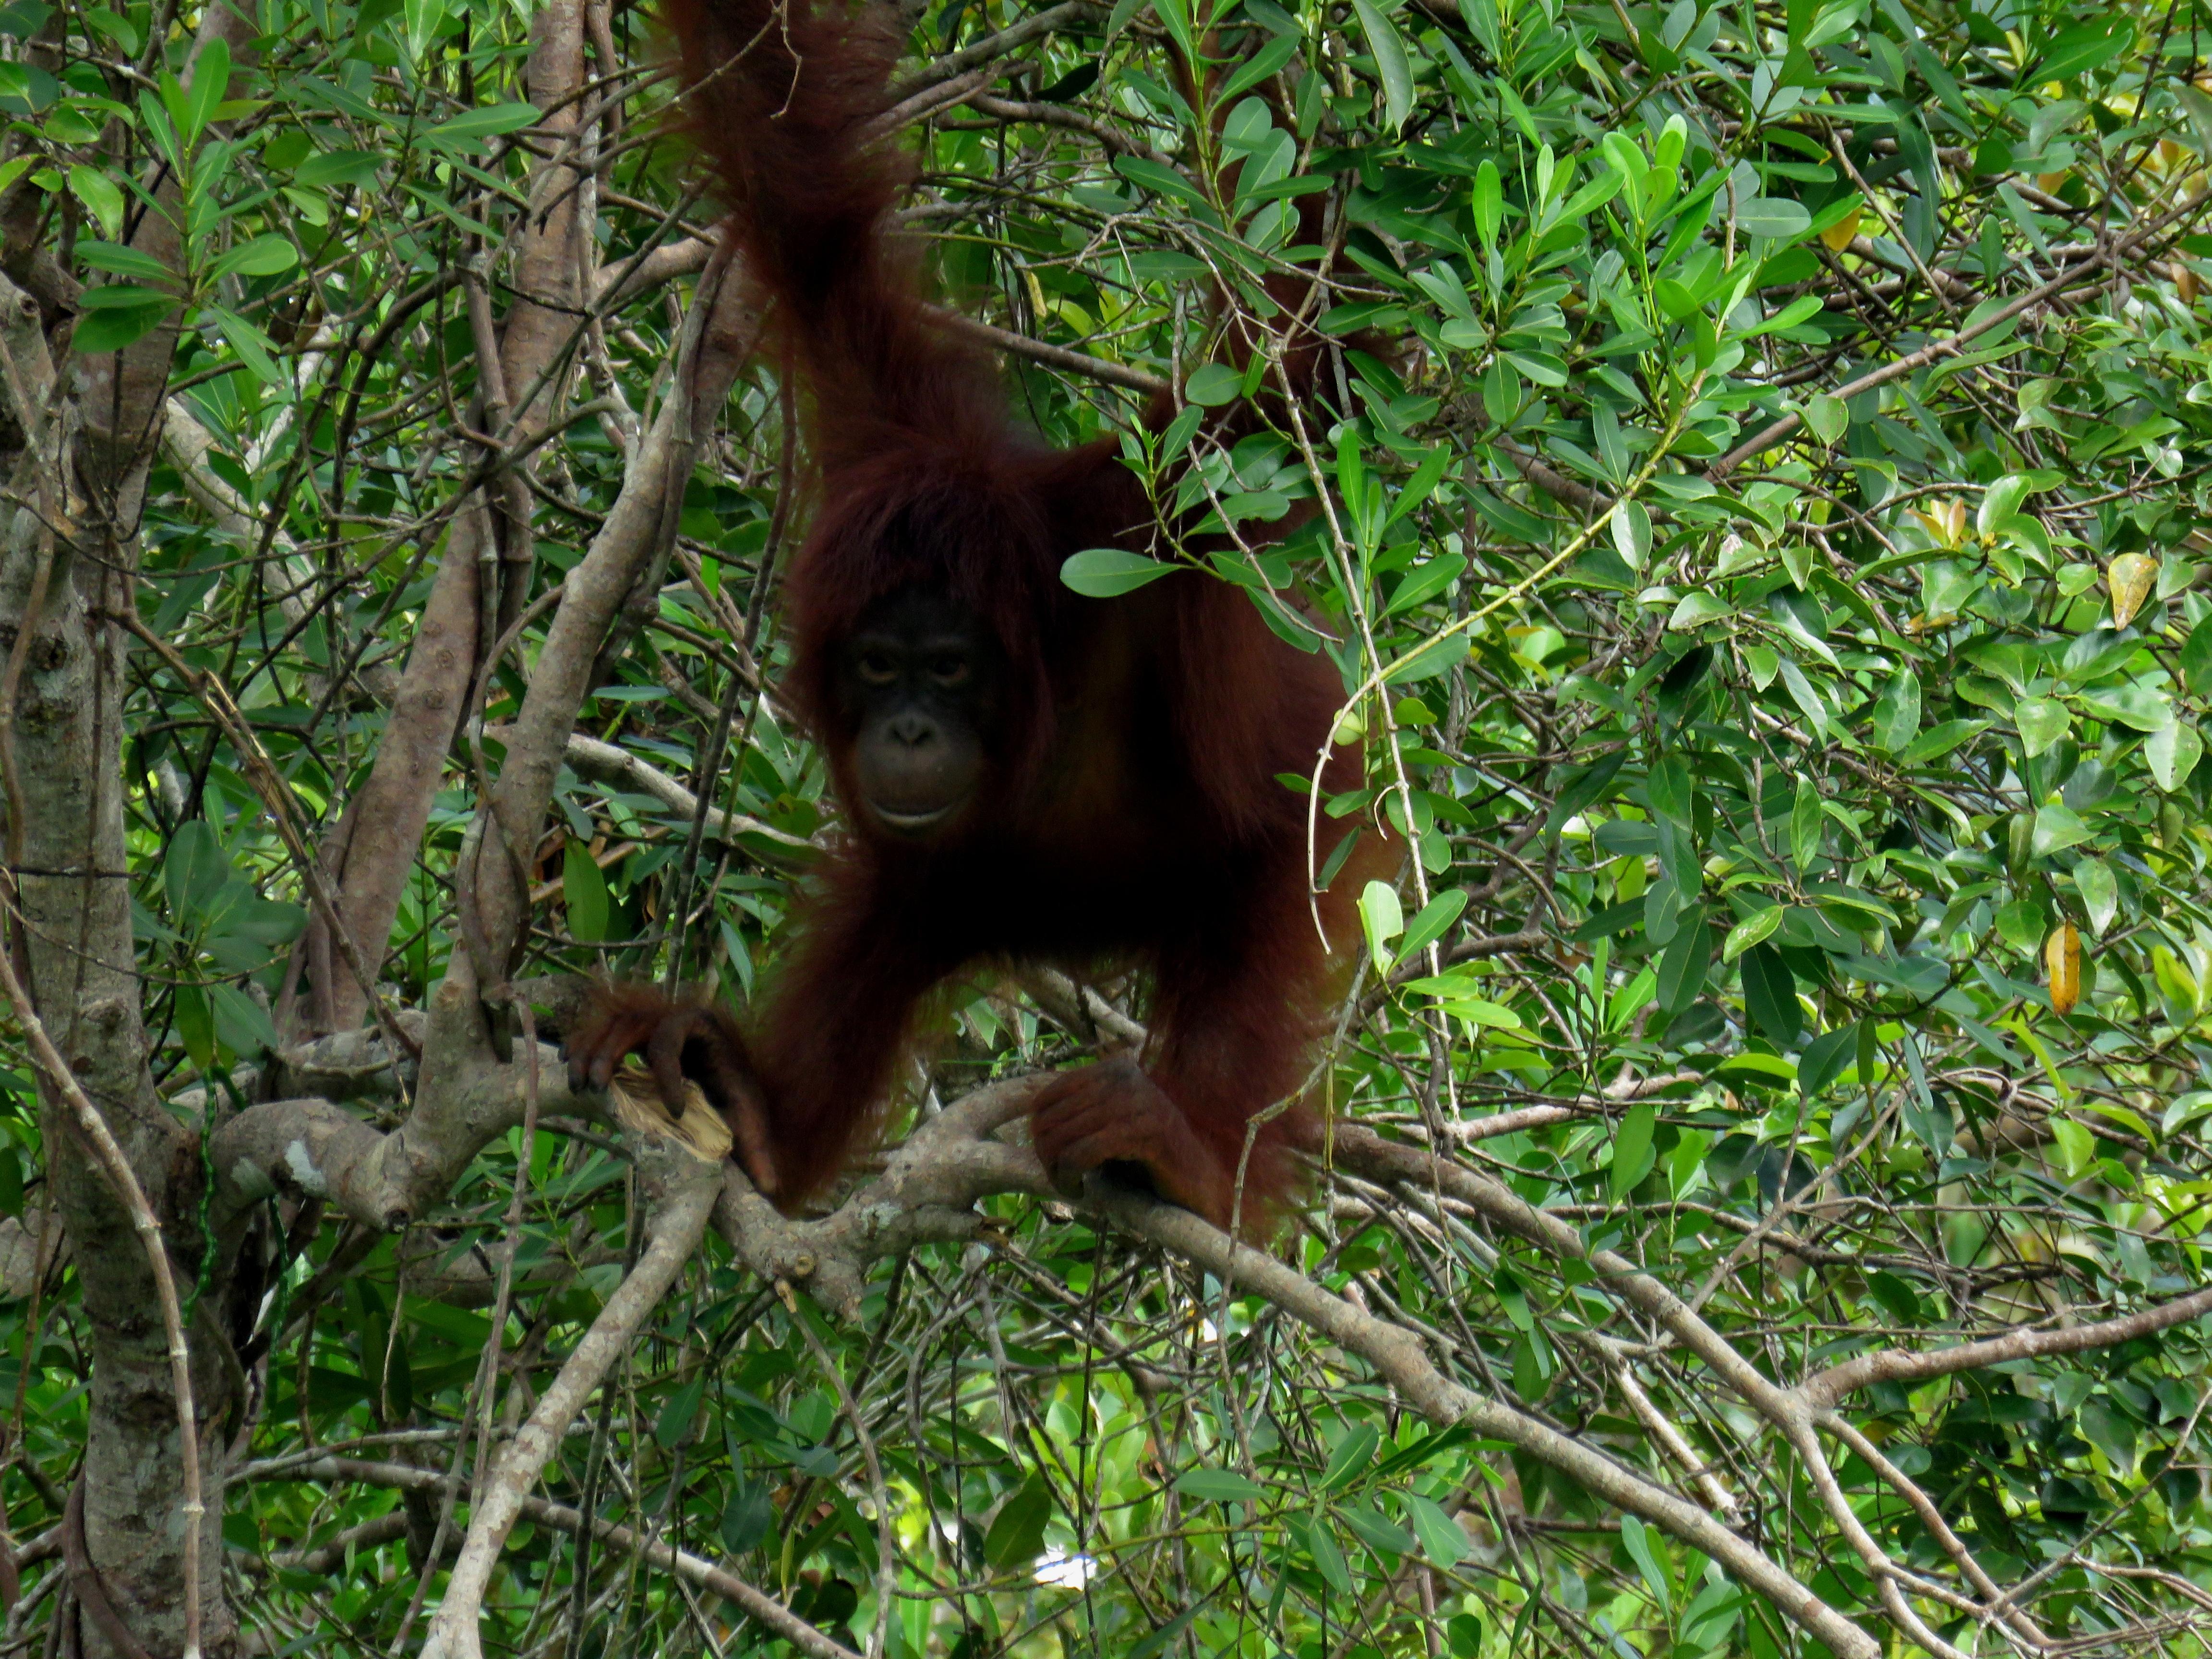 Adolescent orangutan1